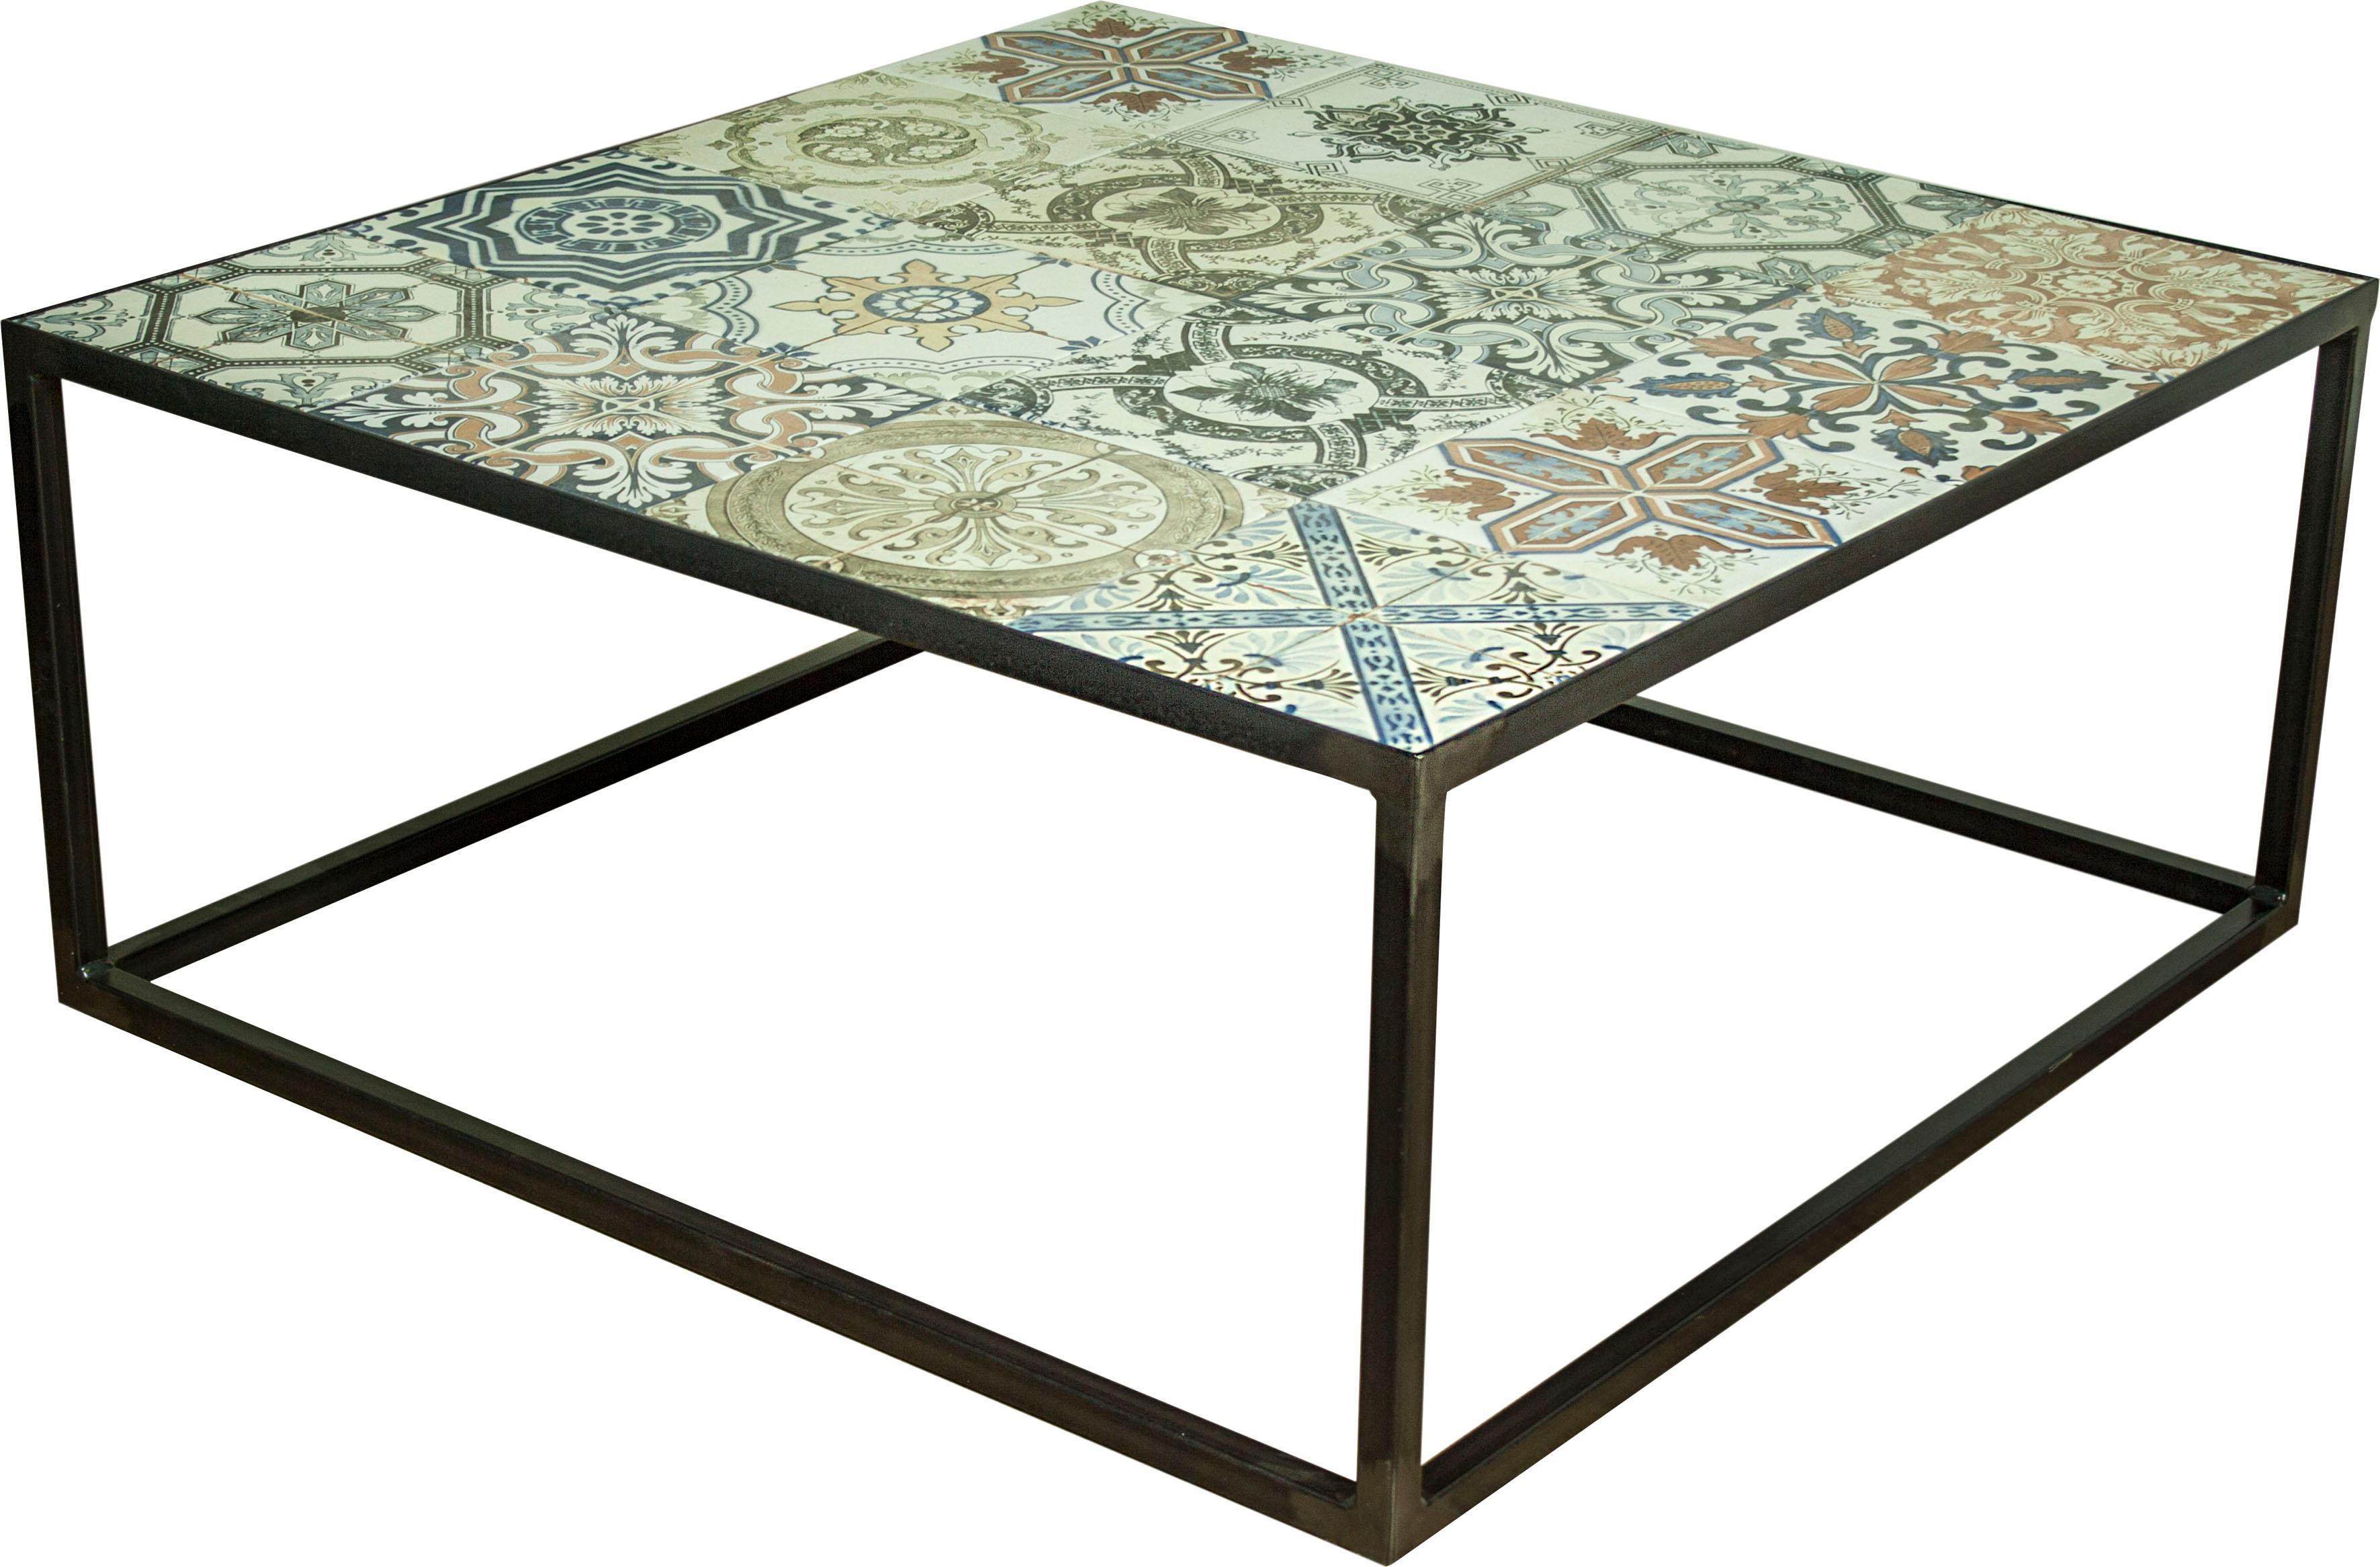 Spinder Design Beistelltisch IBIZA Wohnen/Möbel/Tische/Beistelltische